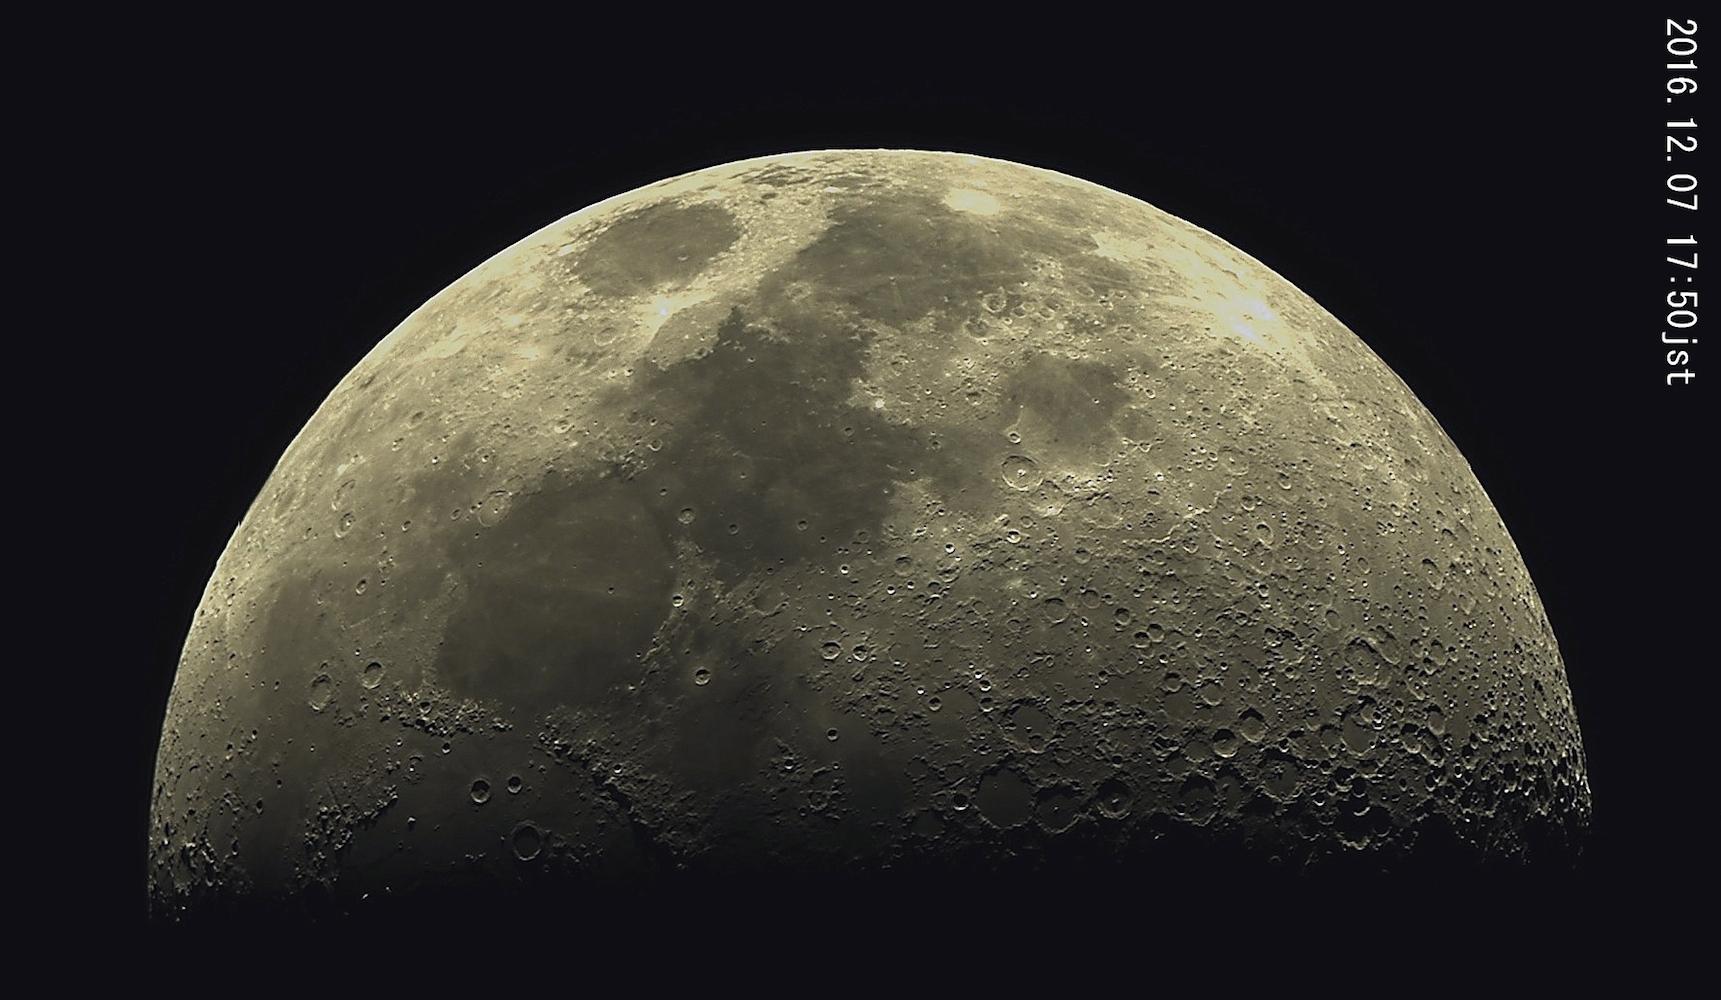 La Luna en fase Cuarto Creciente desde Ōtawara, Japón – El Universo Hoy